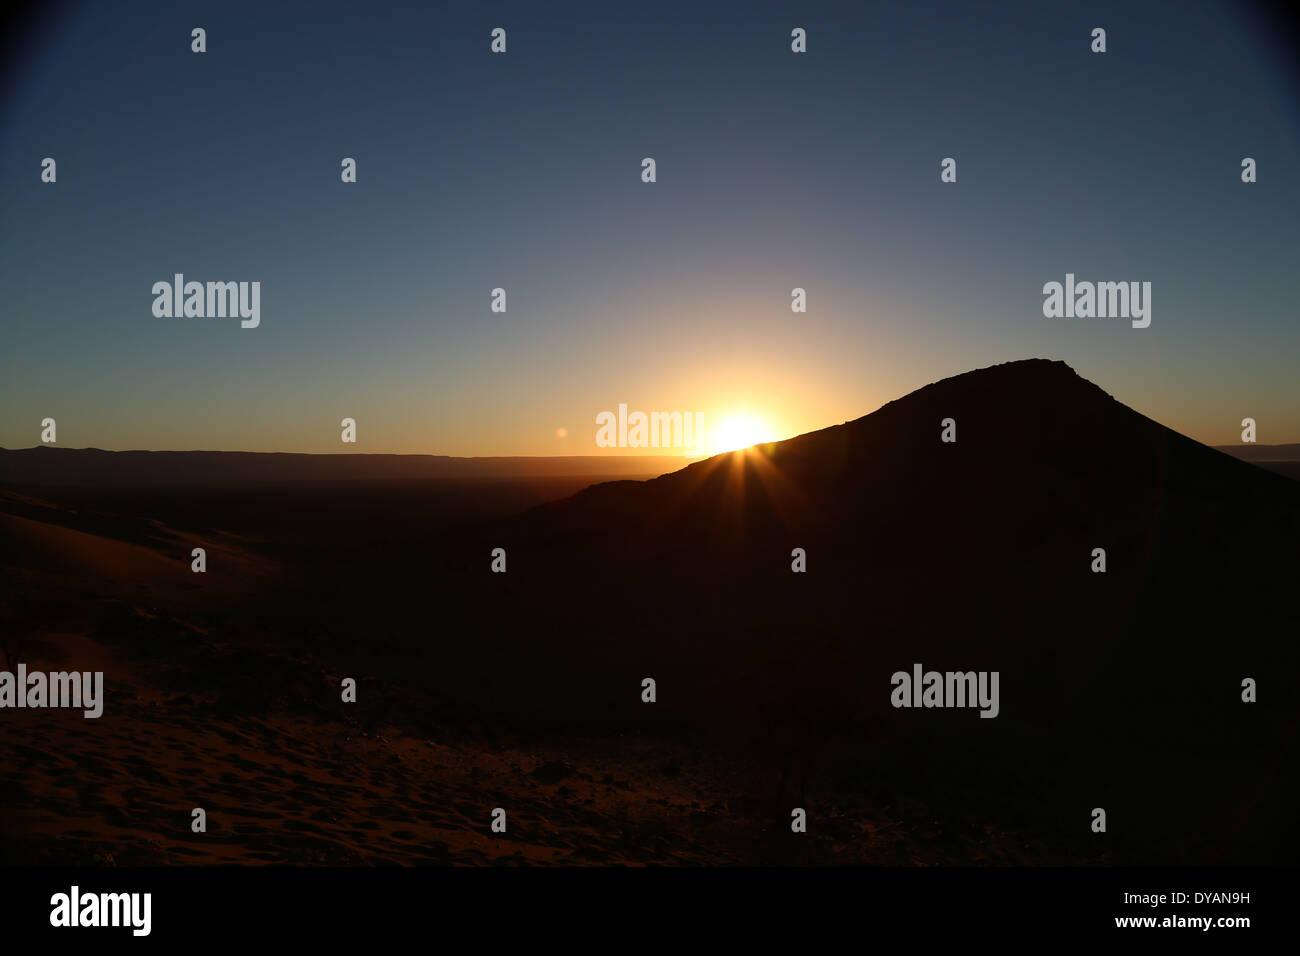 Tramonto su baron il paesaggio del deserto in Marocco al di là della Atlas gamme della montagna, con raggi di luce del sole la sovrapposizione di una duna di sabbia Immagini Stock